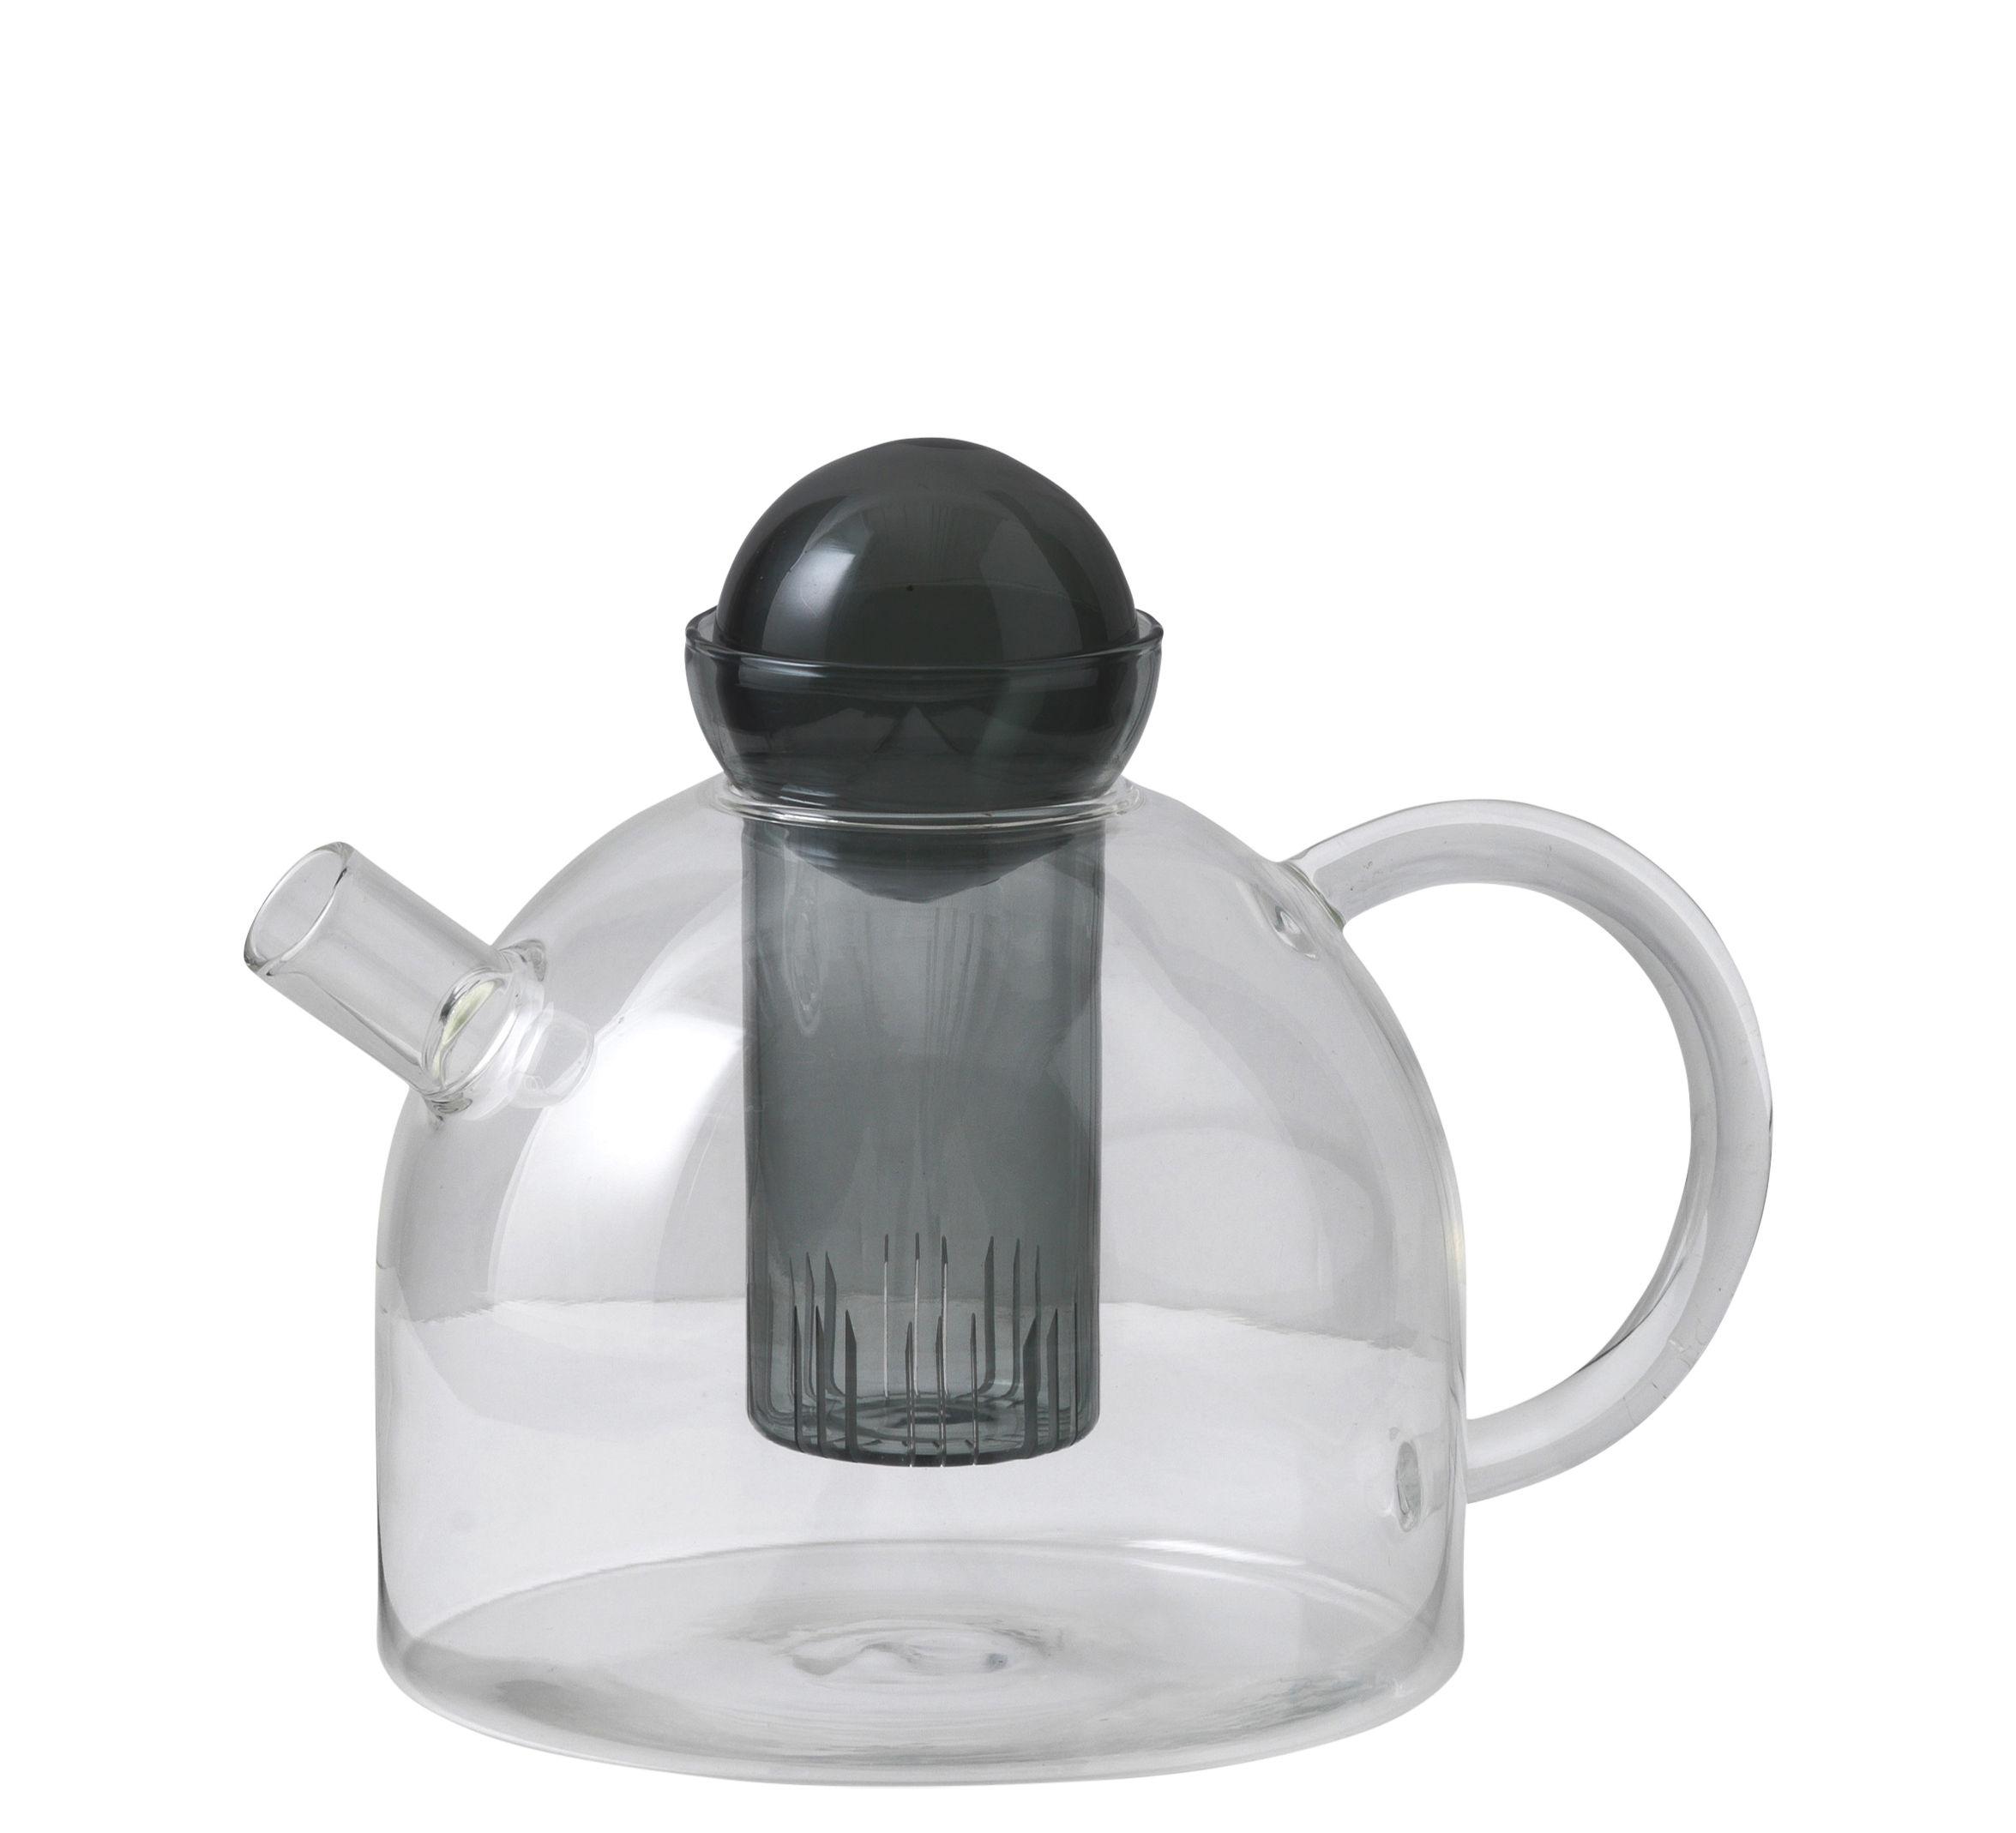 Küche - Teekannen und Wasserkessel - Still Teekanne / 1,25 l - mundgeblasenes Glas - Ferm Living - Transparent / schwarz - mundgeblasenes Glas